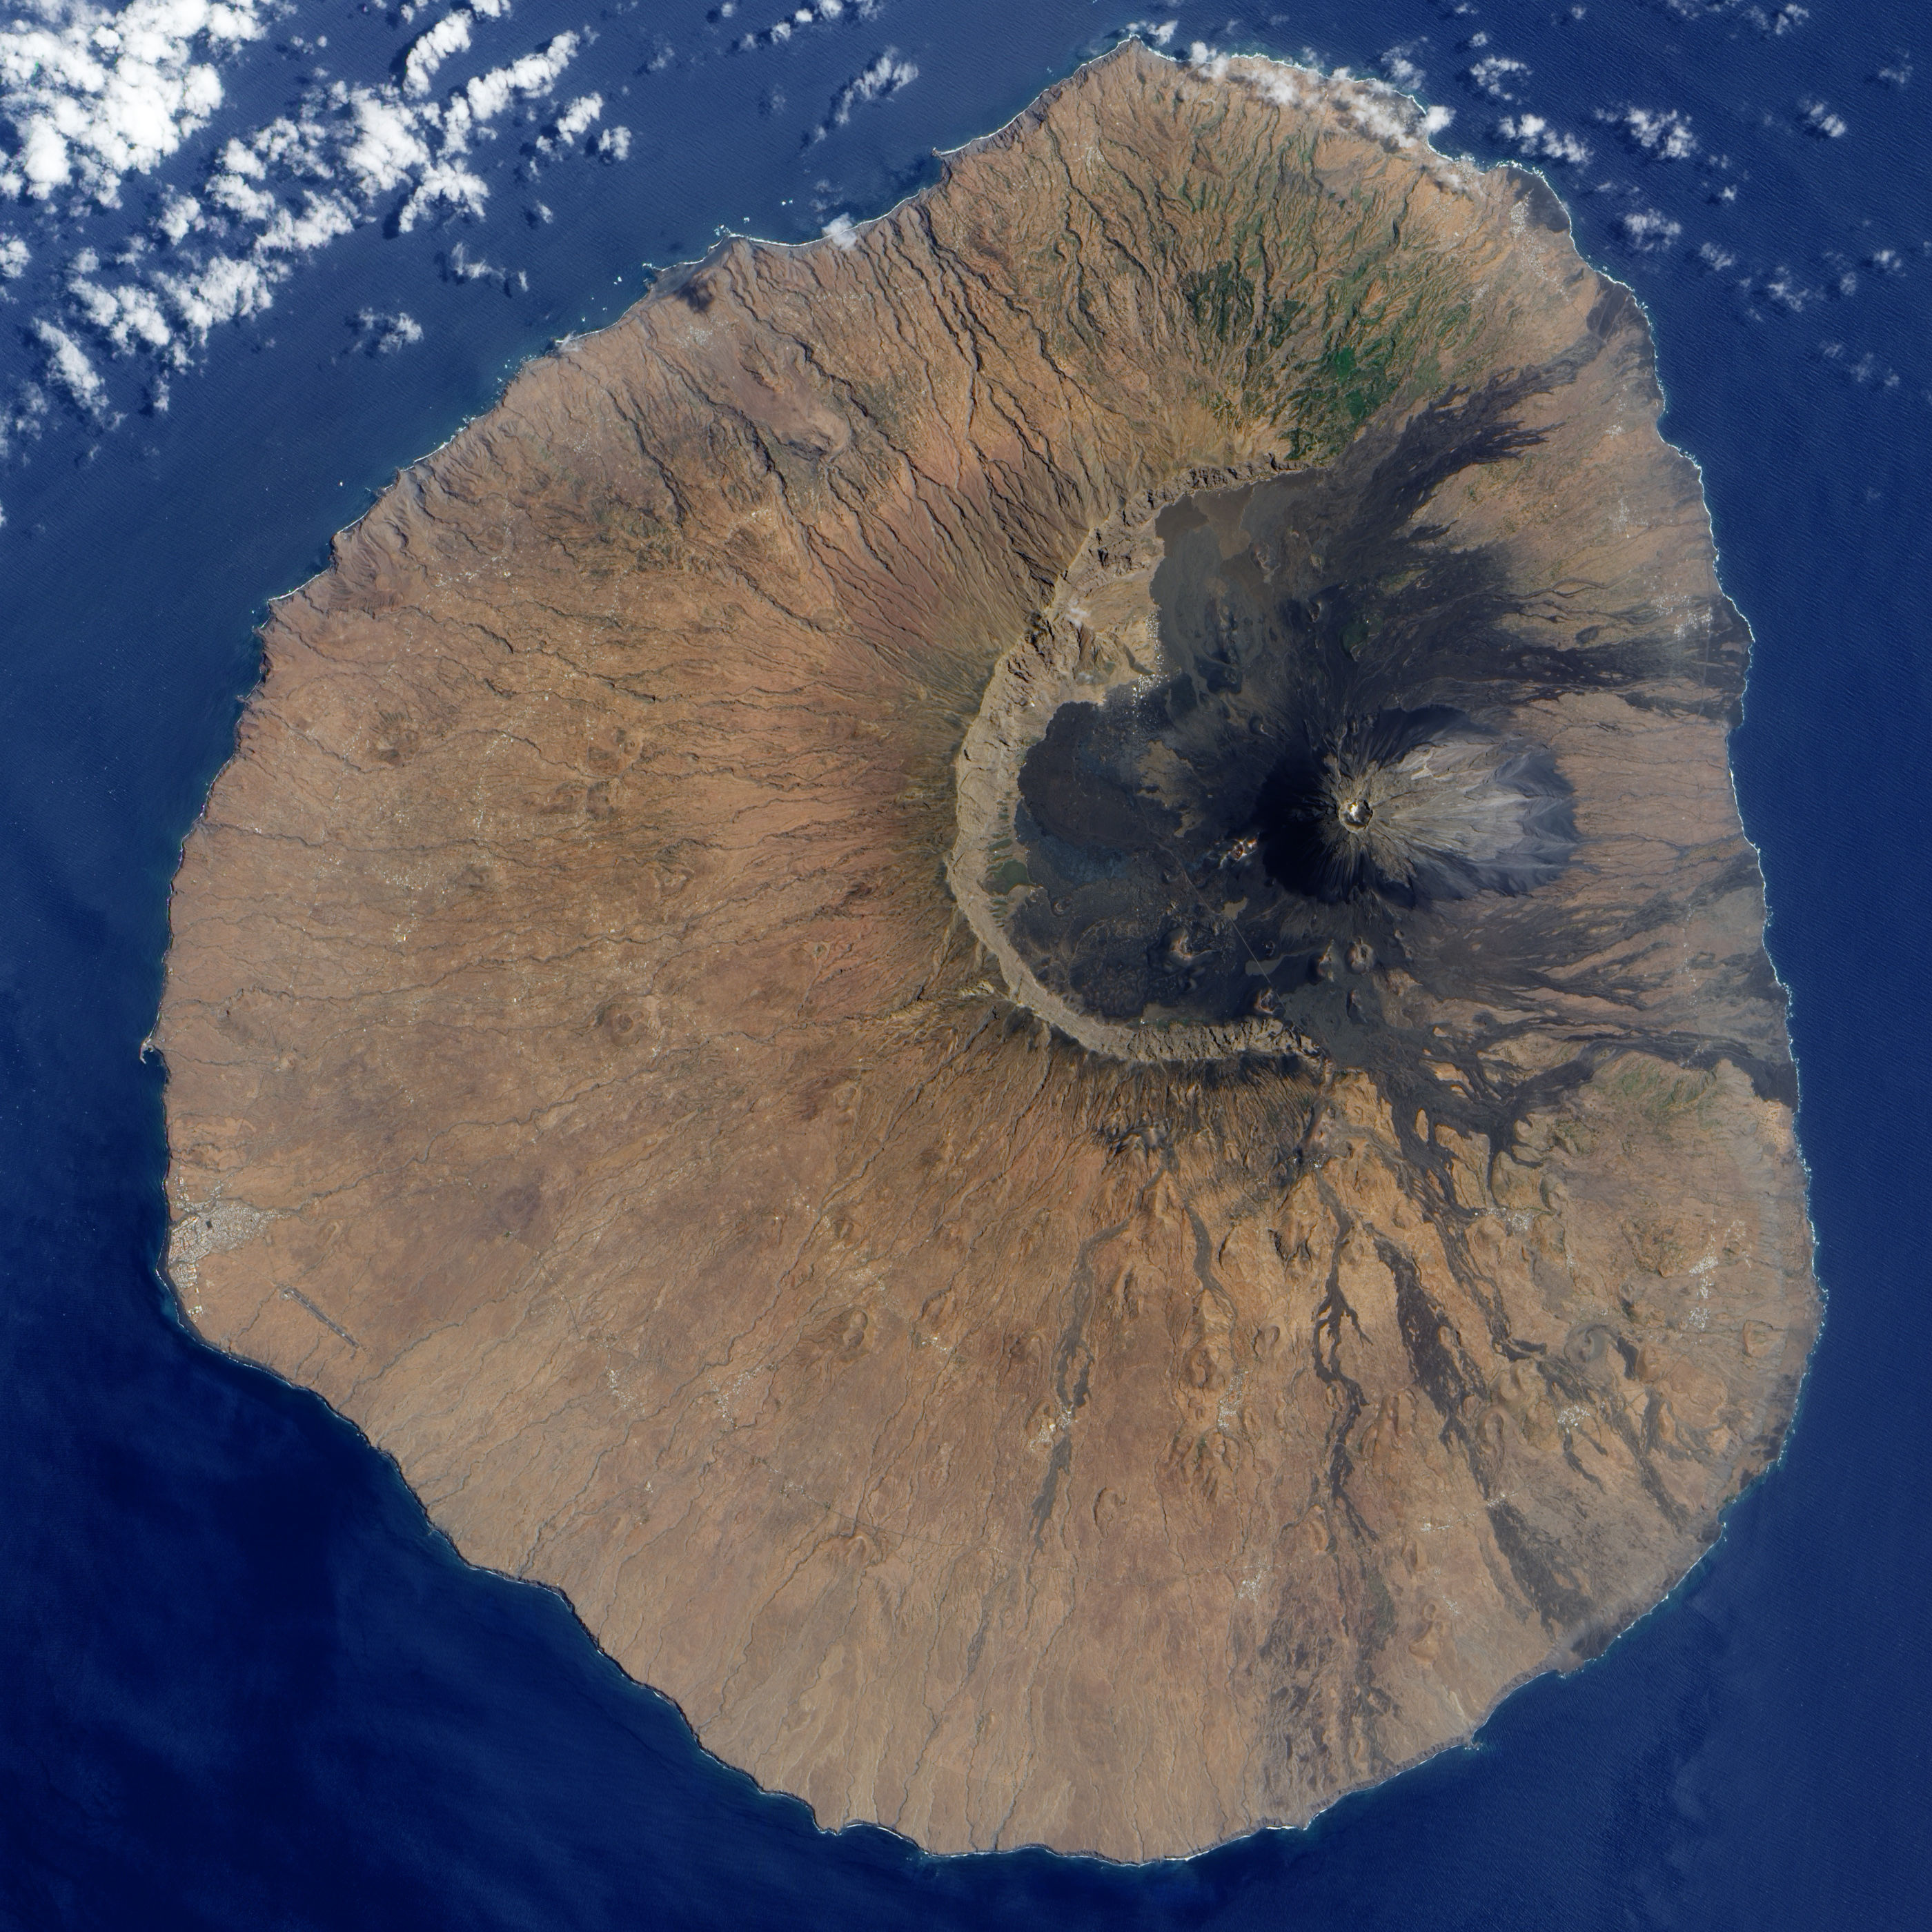 再発の可能性も!?地球上では、過去に「270mの津波」が発生していた